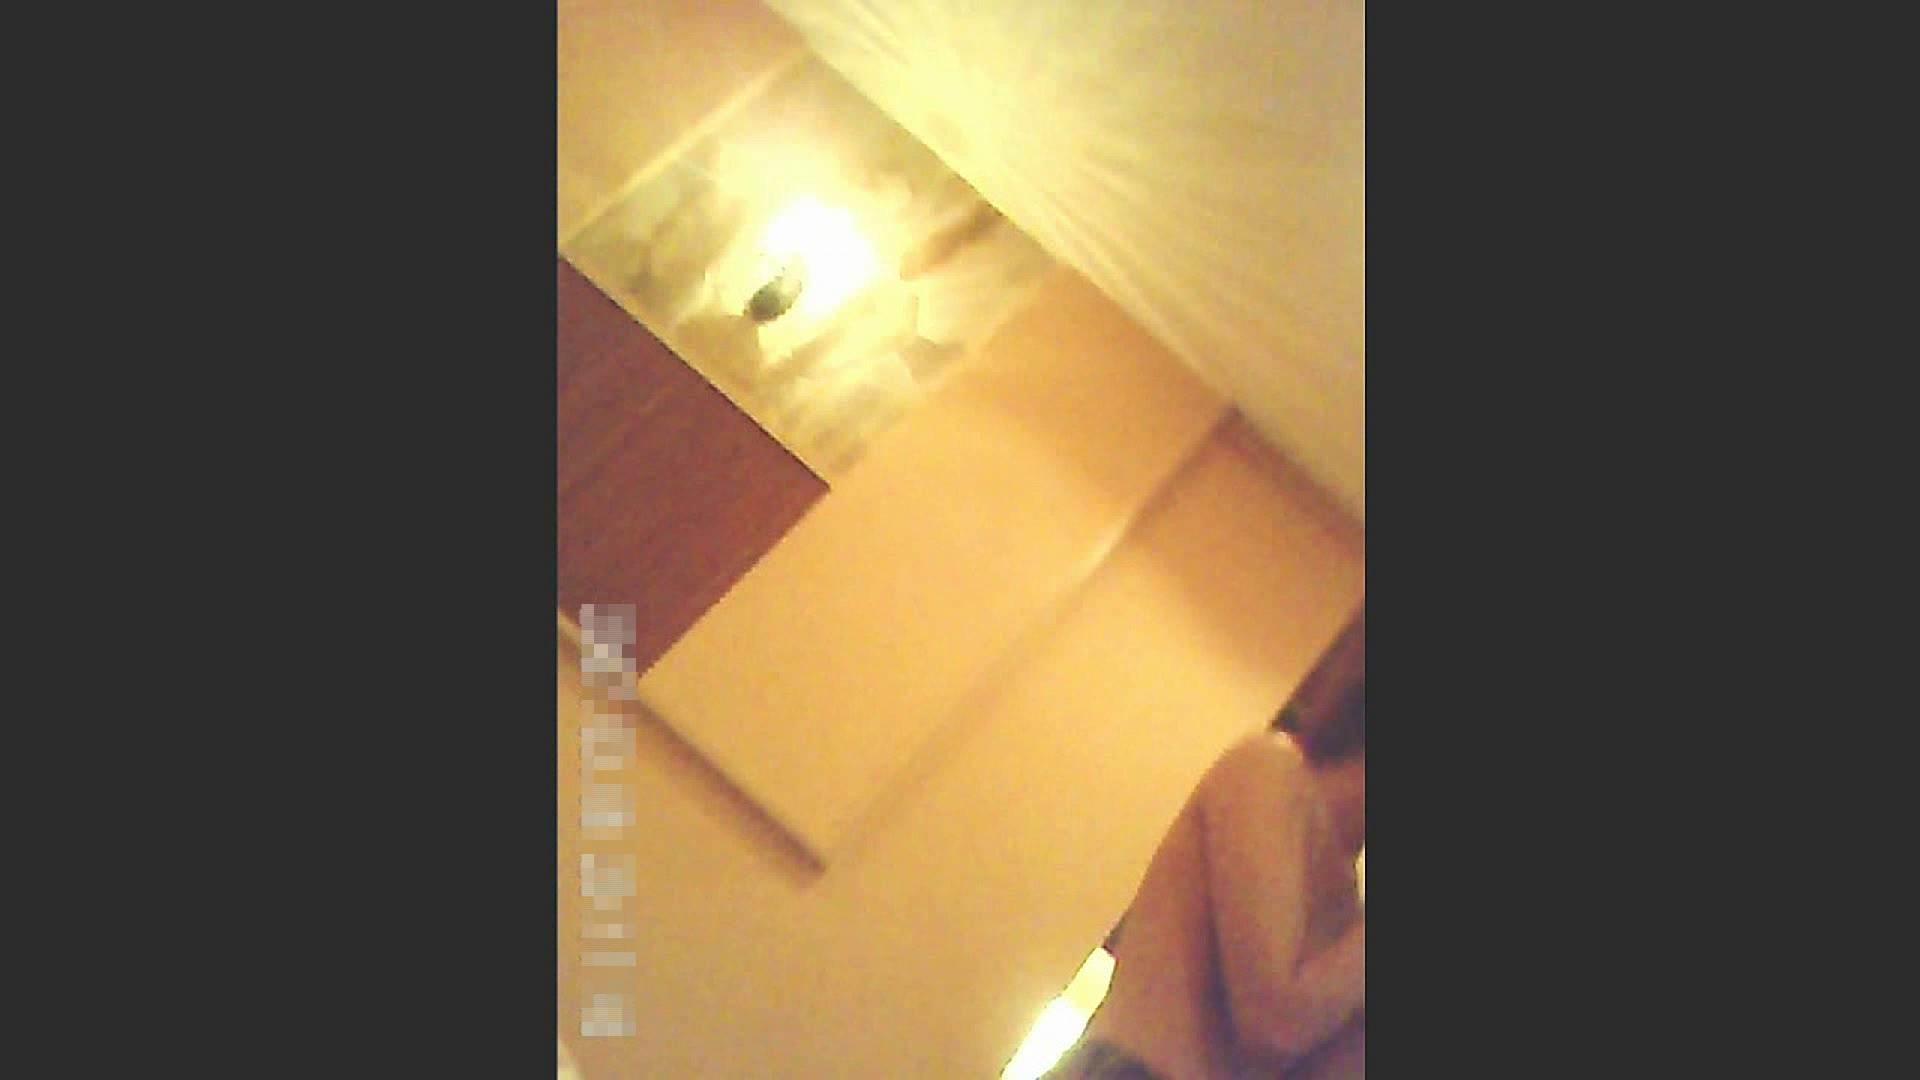 ▲復活限定D▲バトミントン部 みさこ  Vol.14 脱衣編 期間限定 盗撮エロ画像 66pic 14